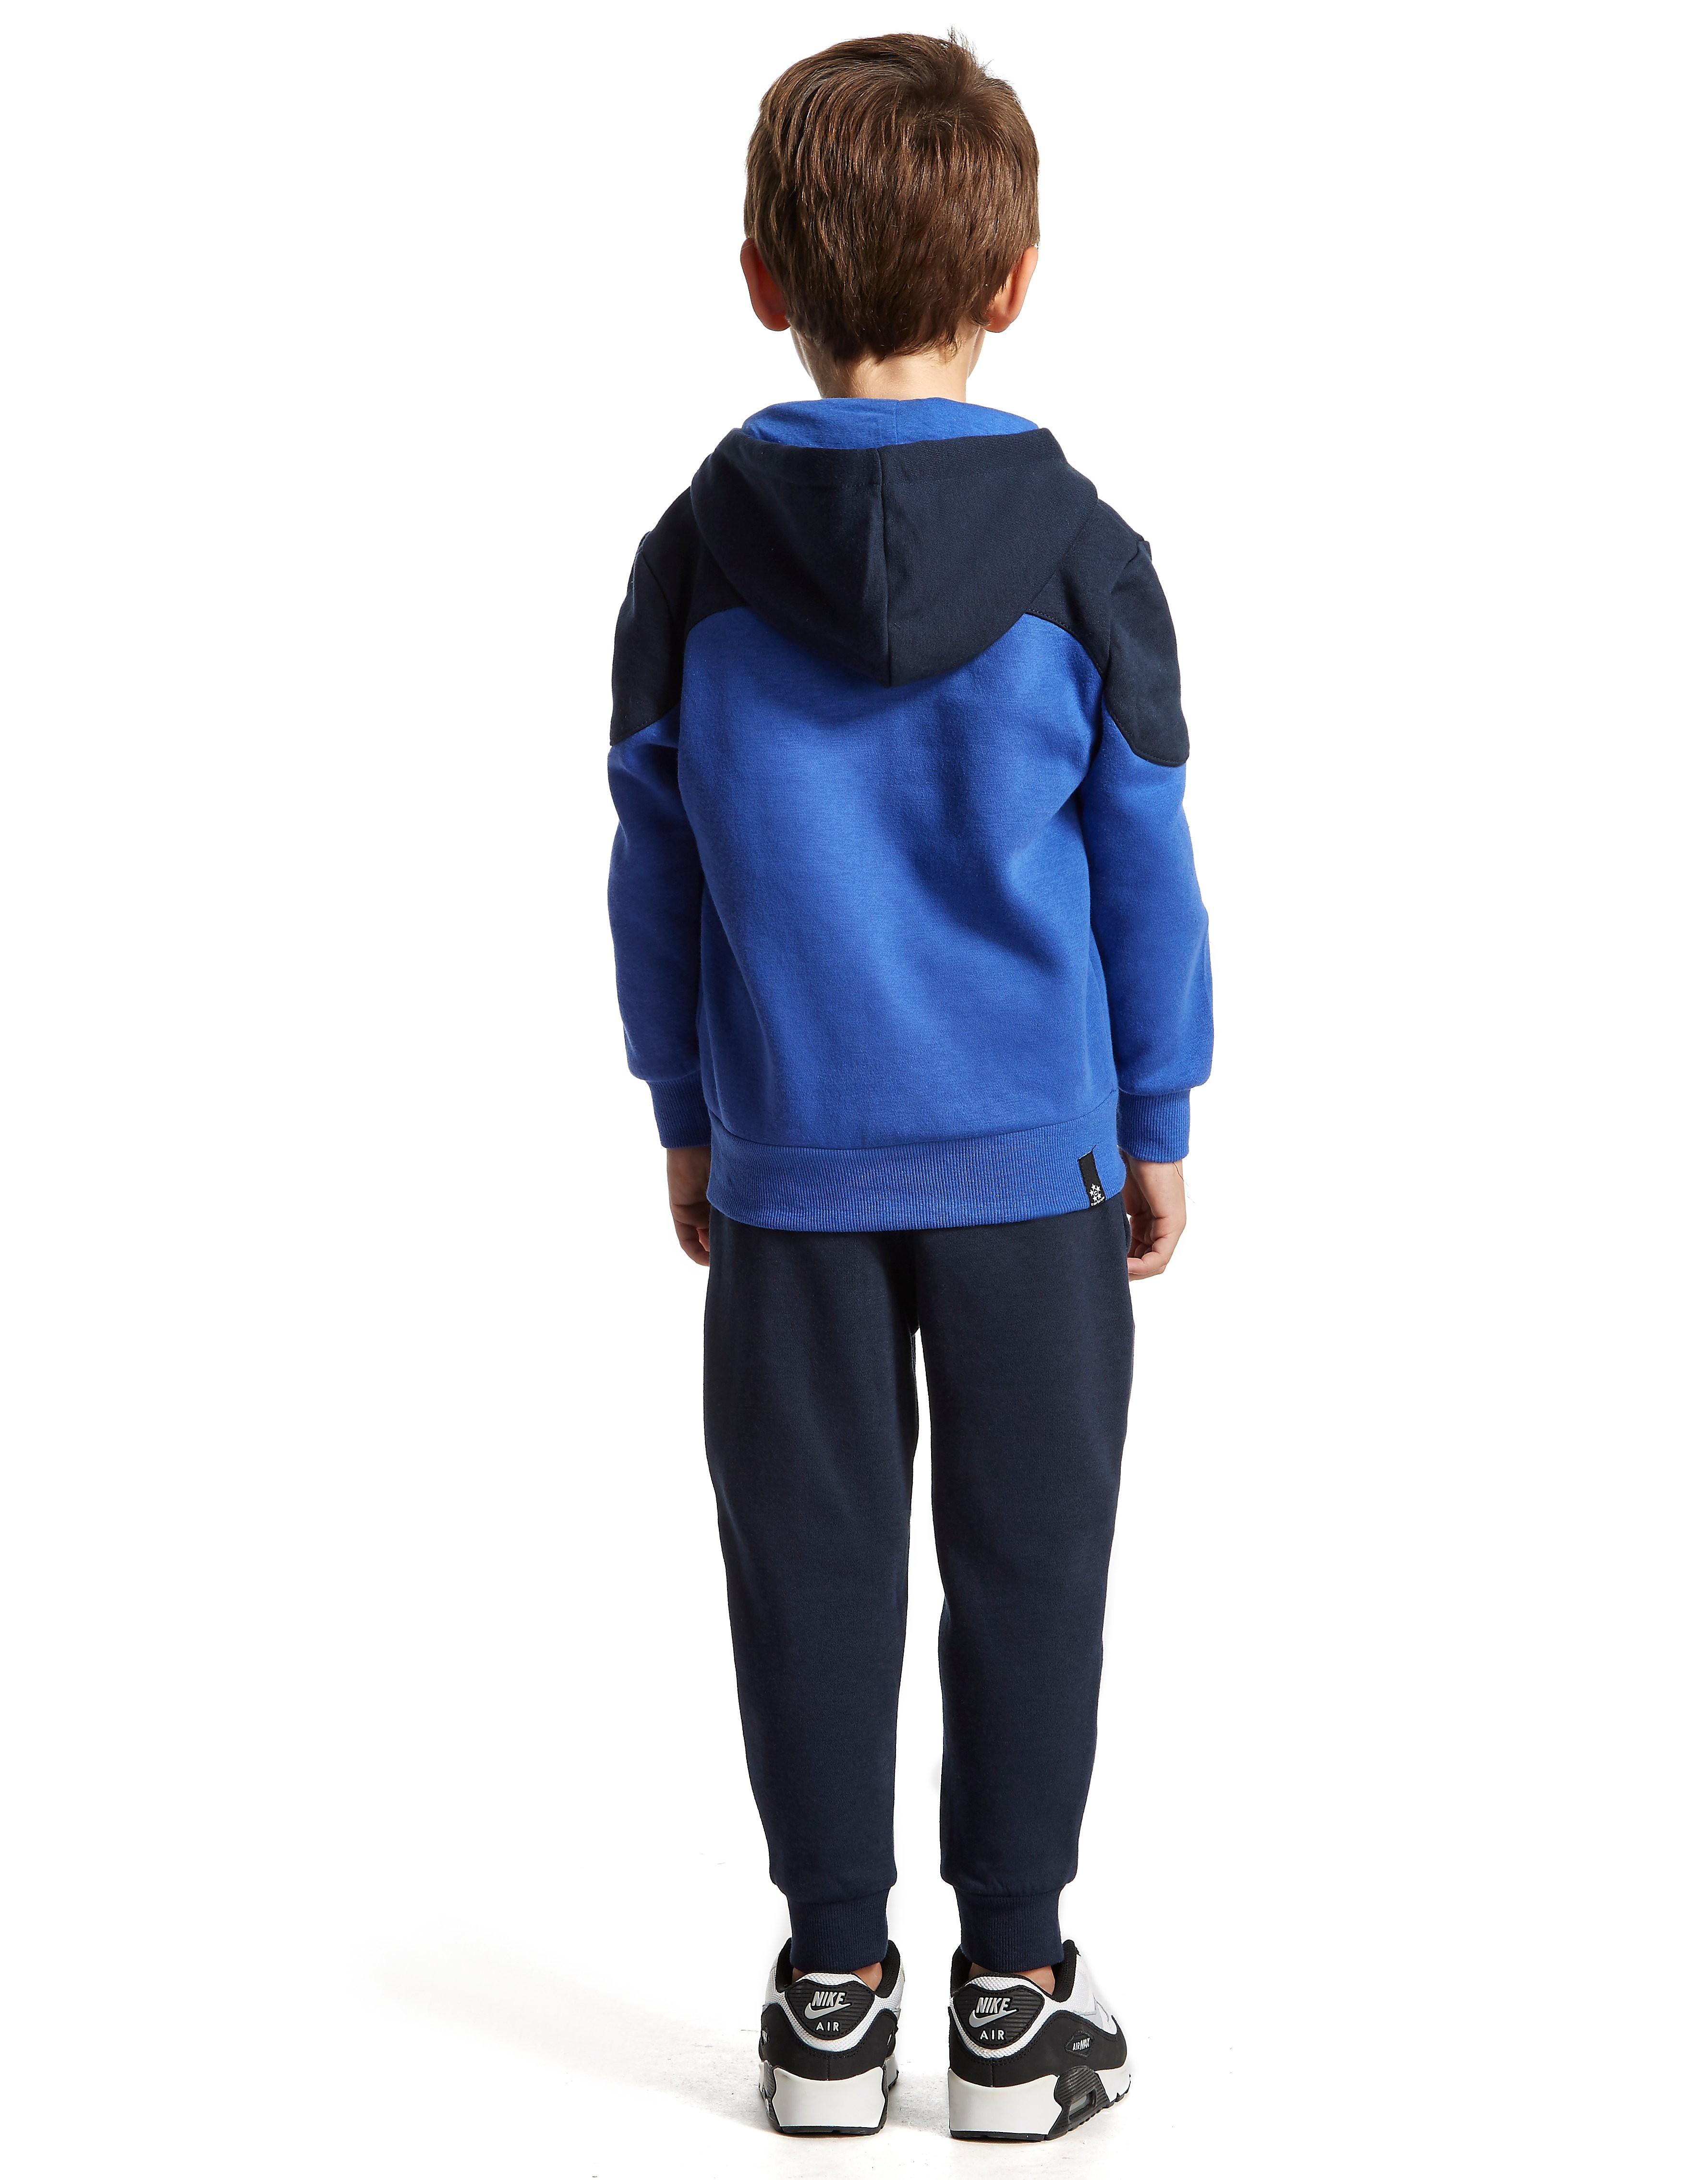 Carbrini Rotor Suit Children